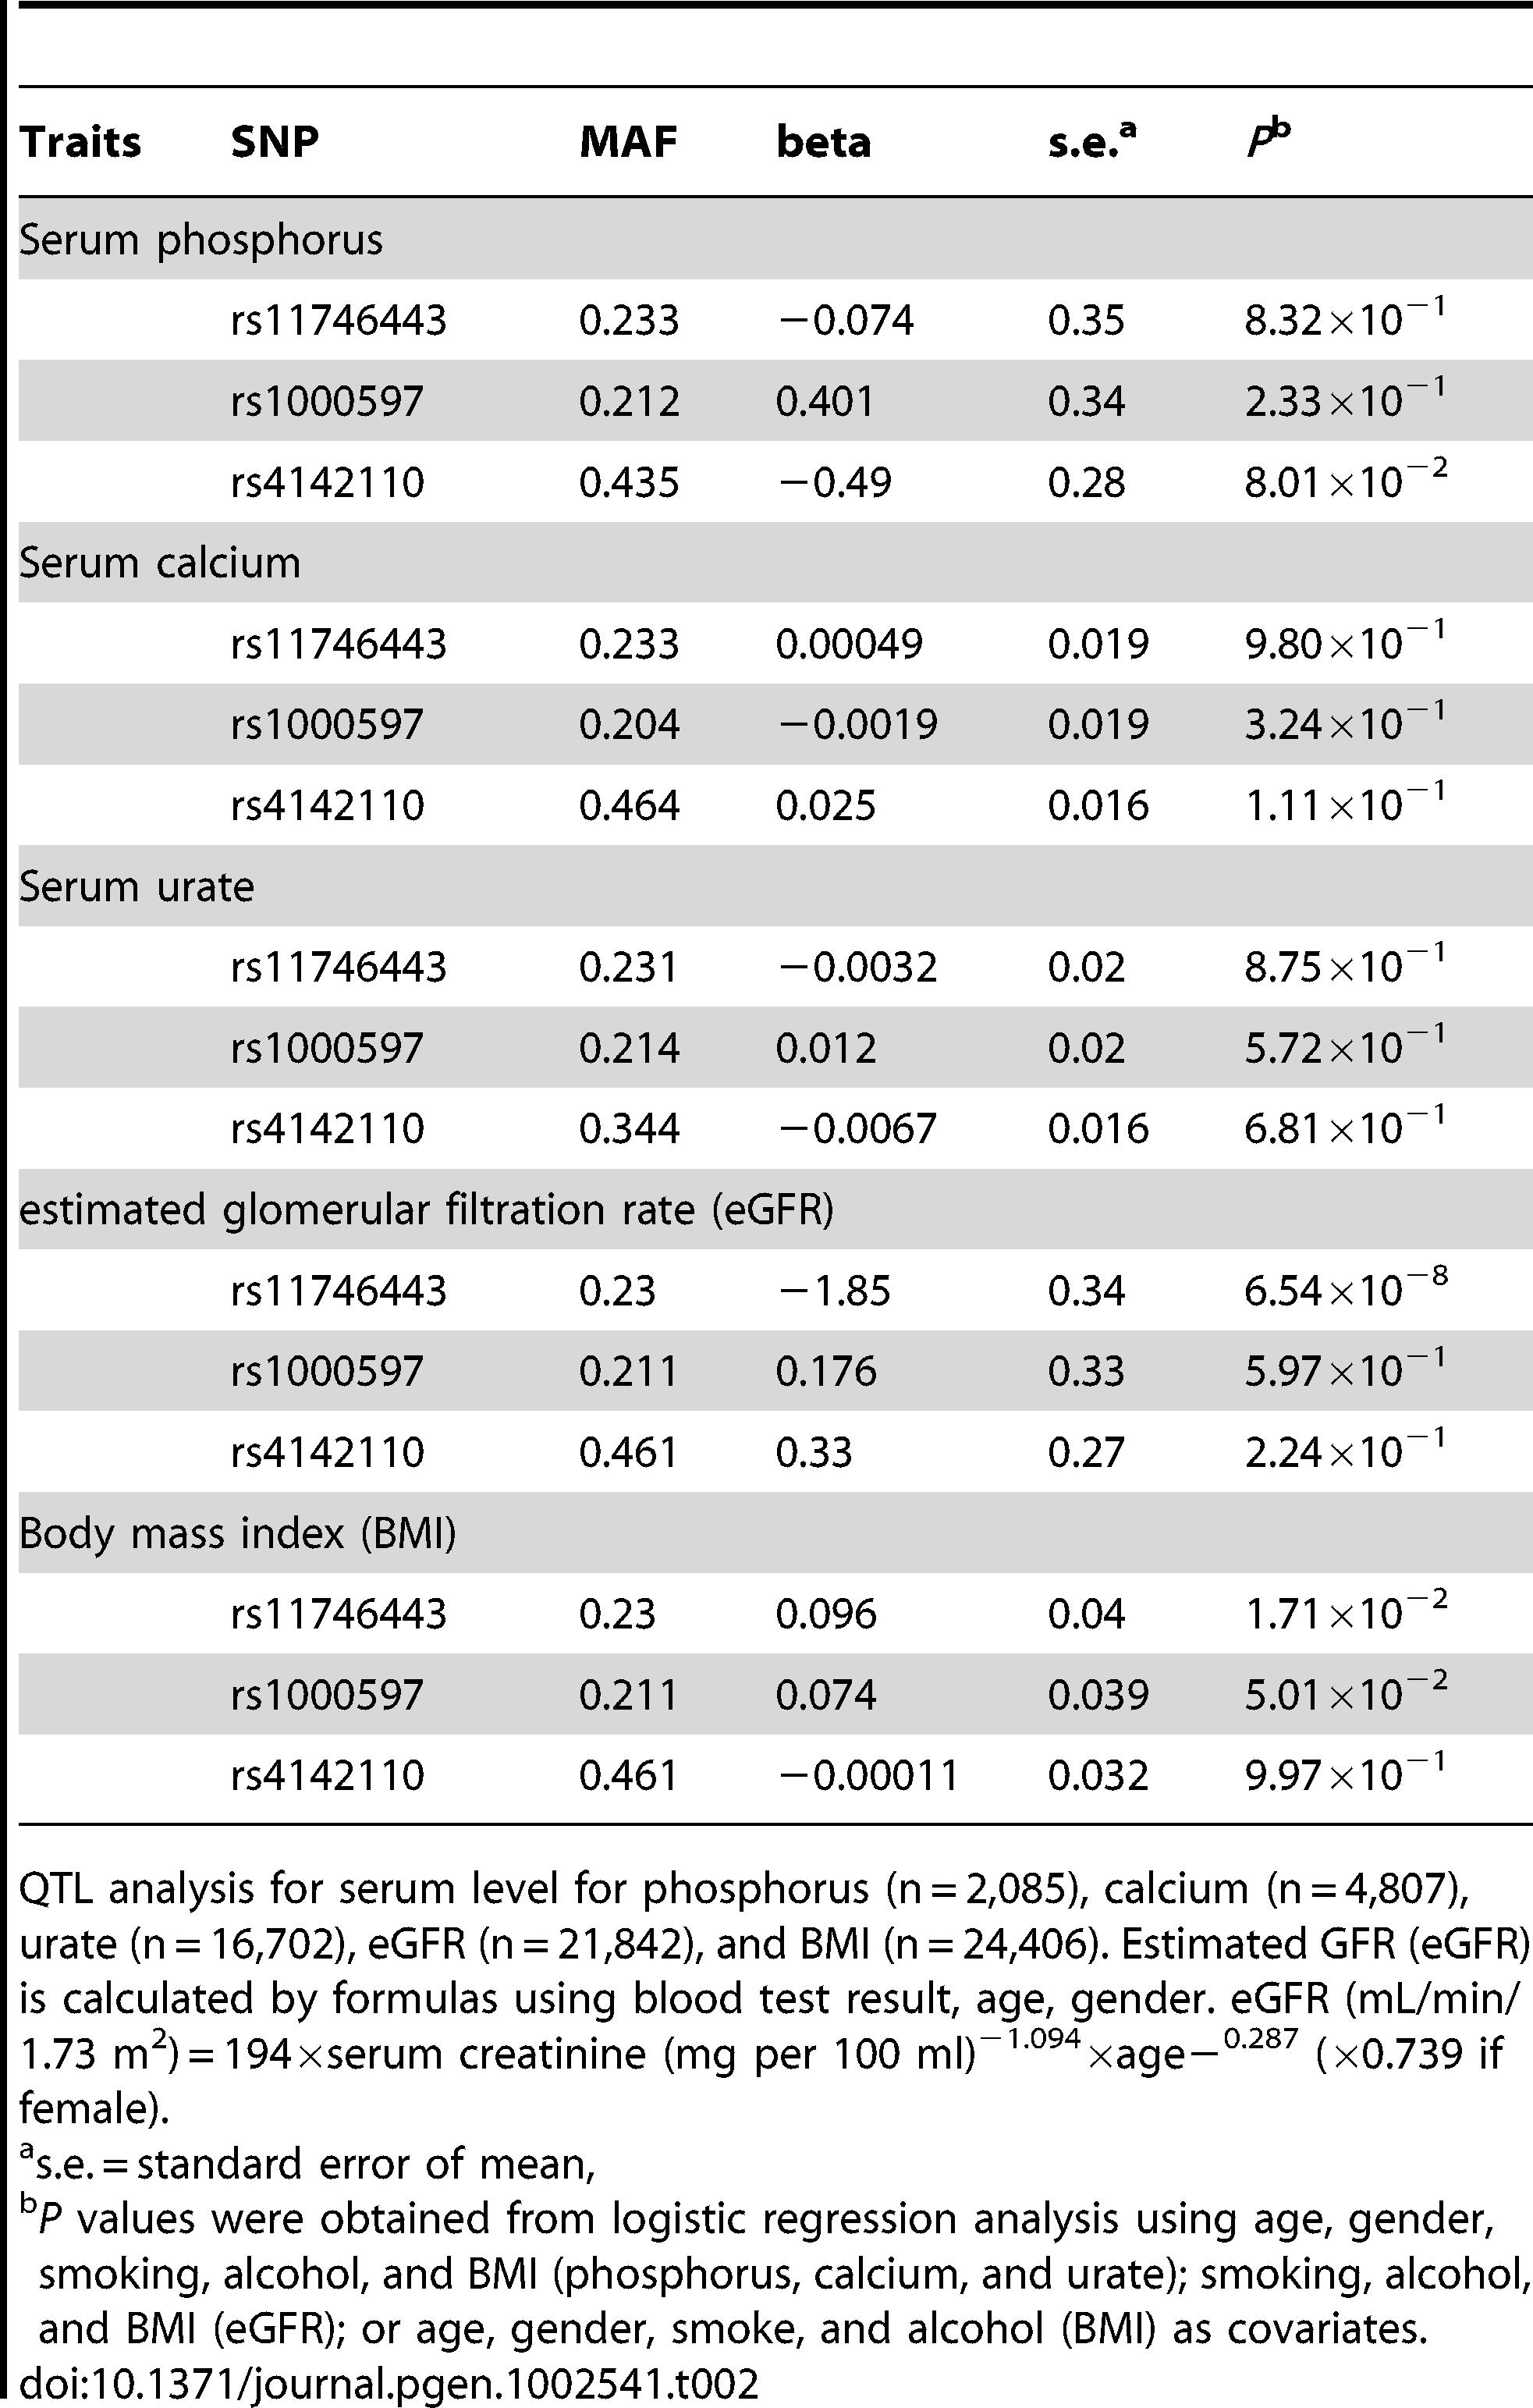 QTL analysis for serum phosphorus, serum calcium, serum urate, eGFR, and BMI.